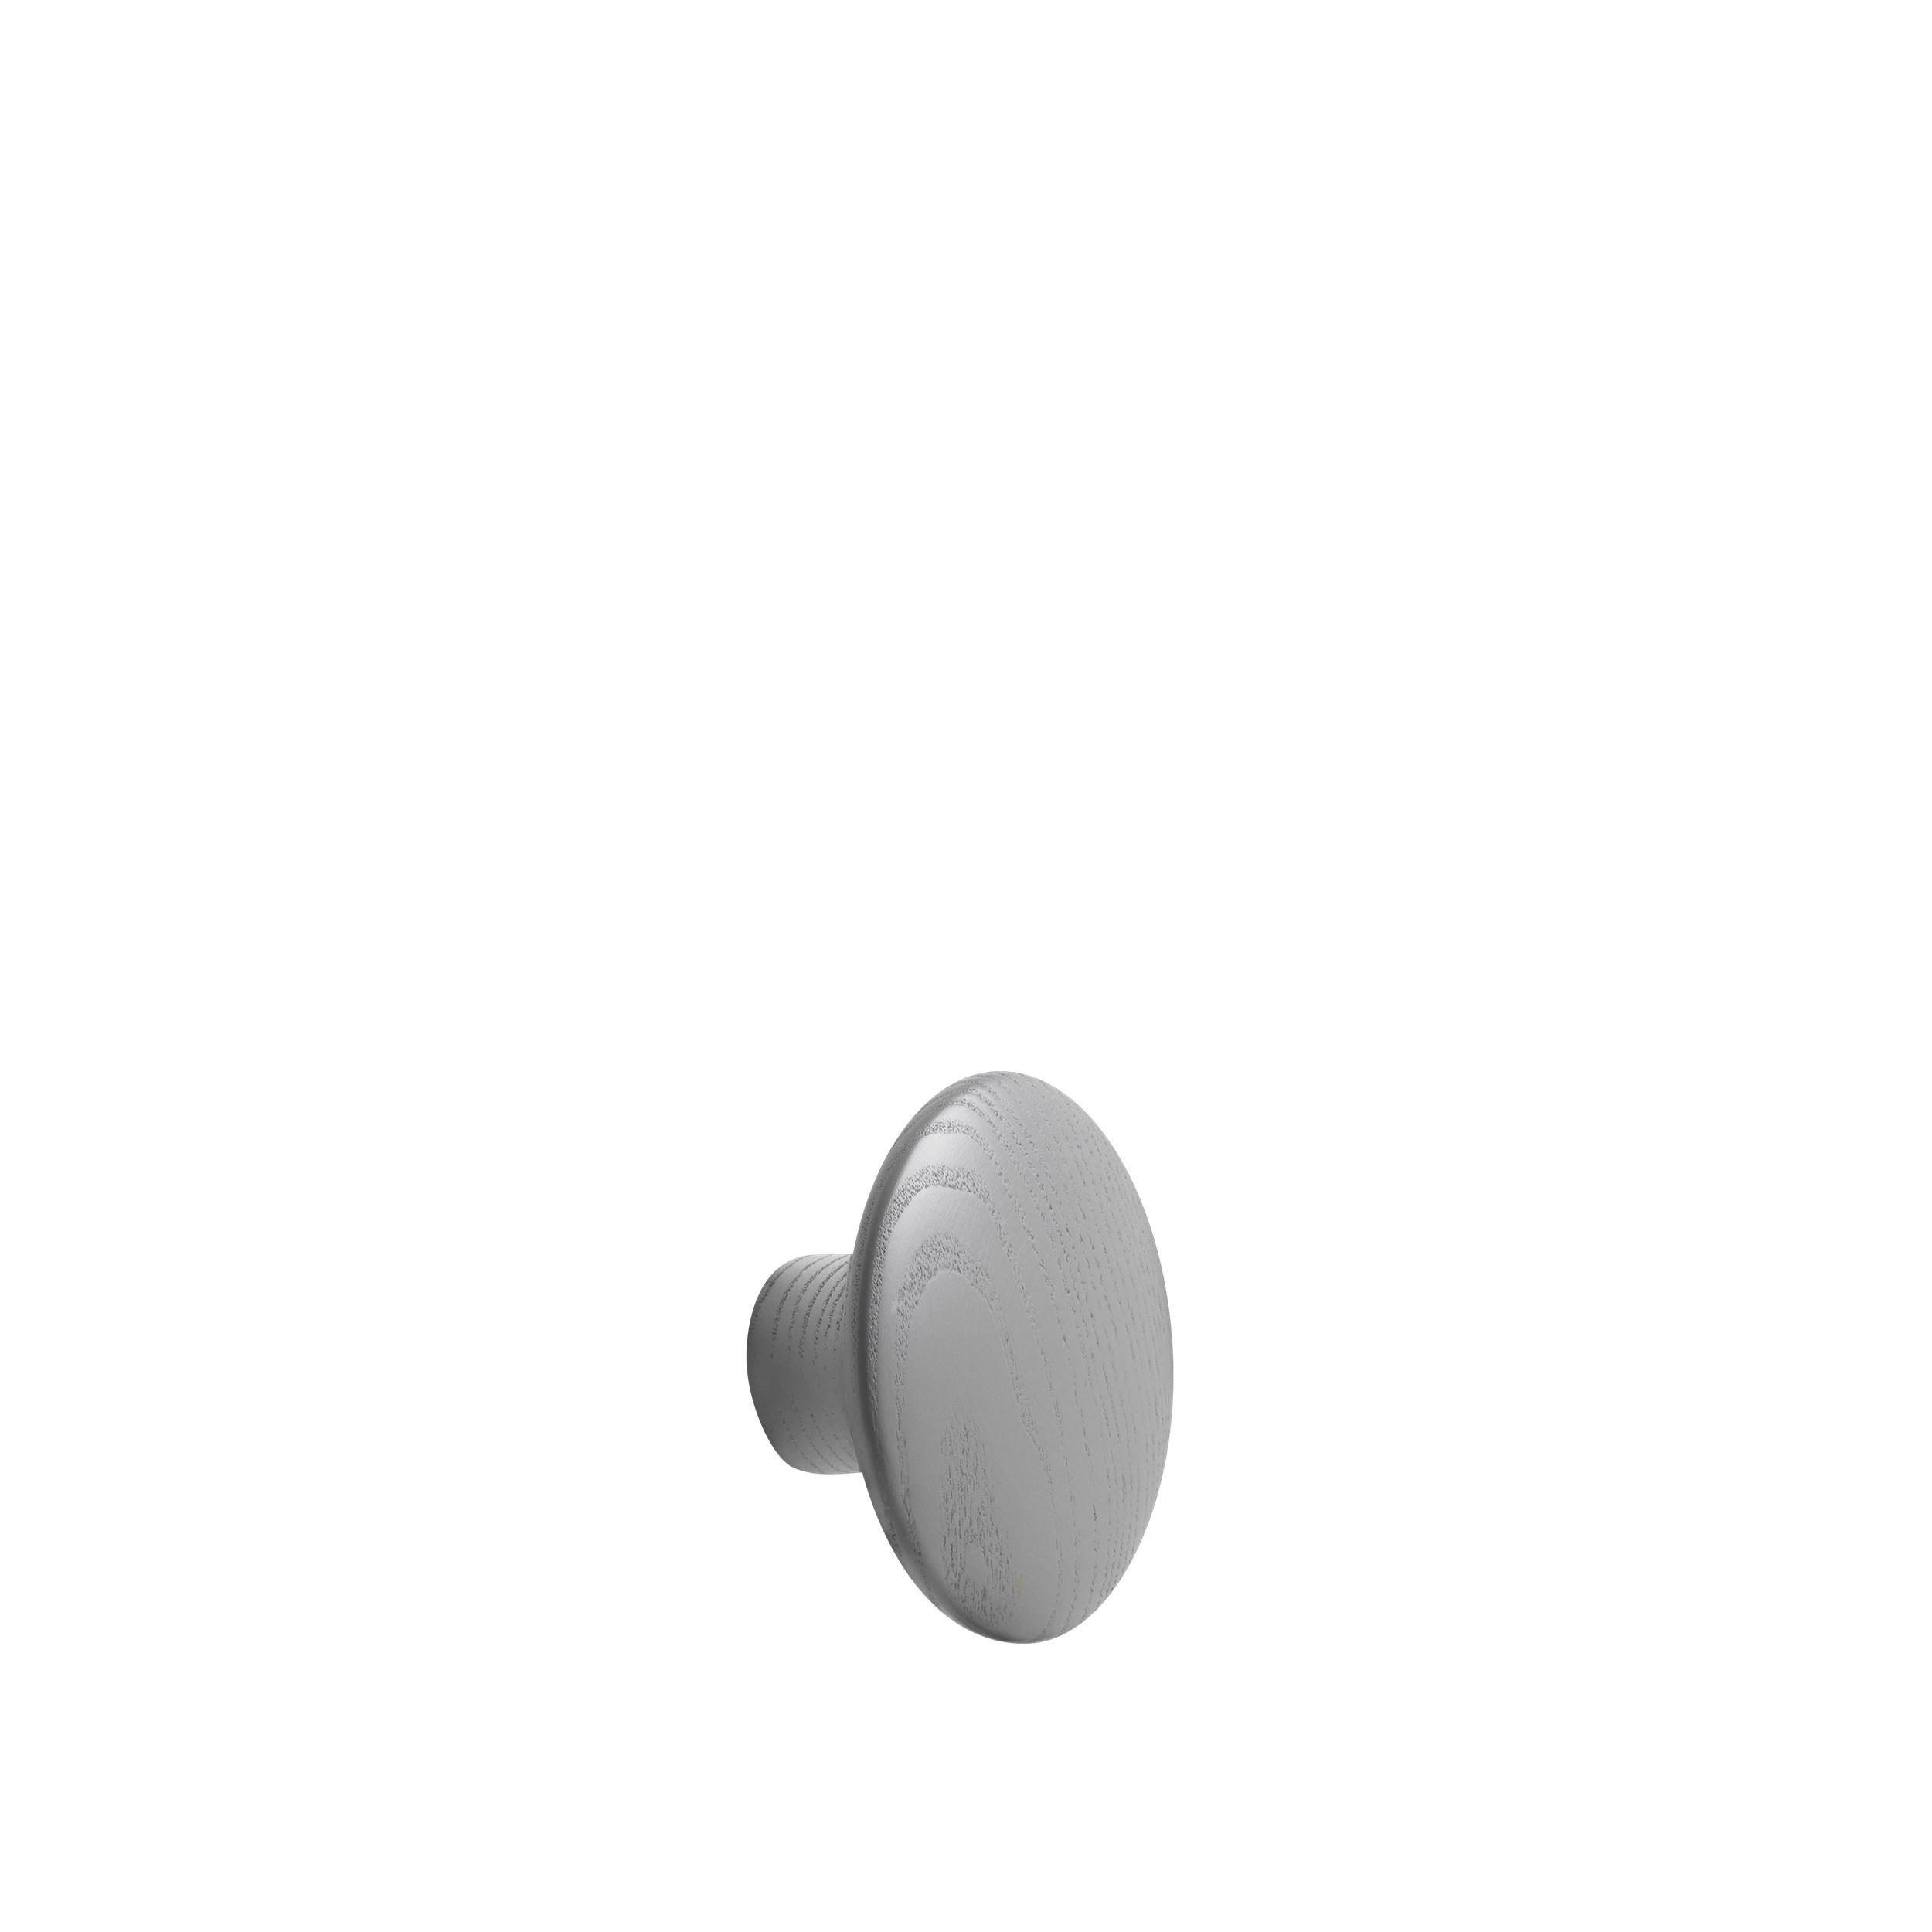 Dot wood small Ø 9 cm dark grey